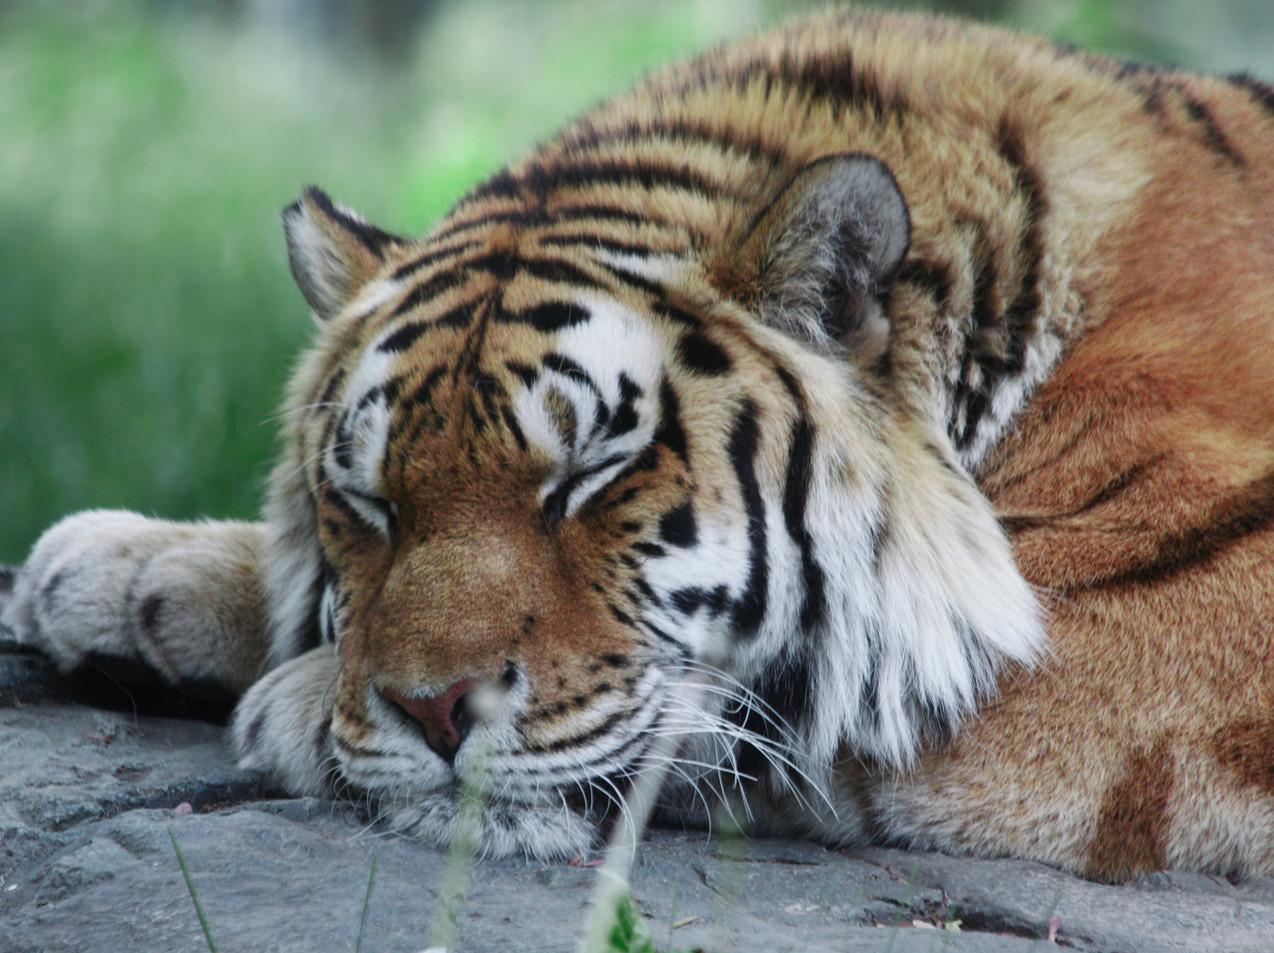 A Sleepy Bengal